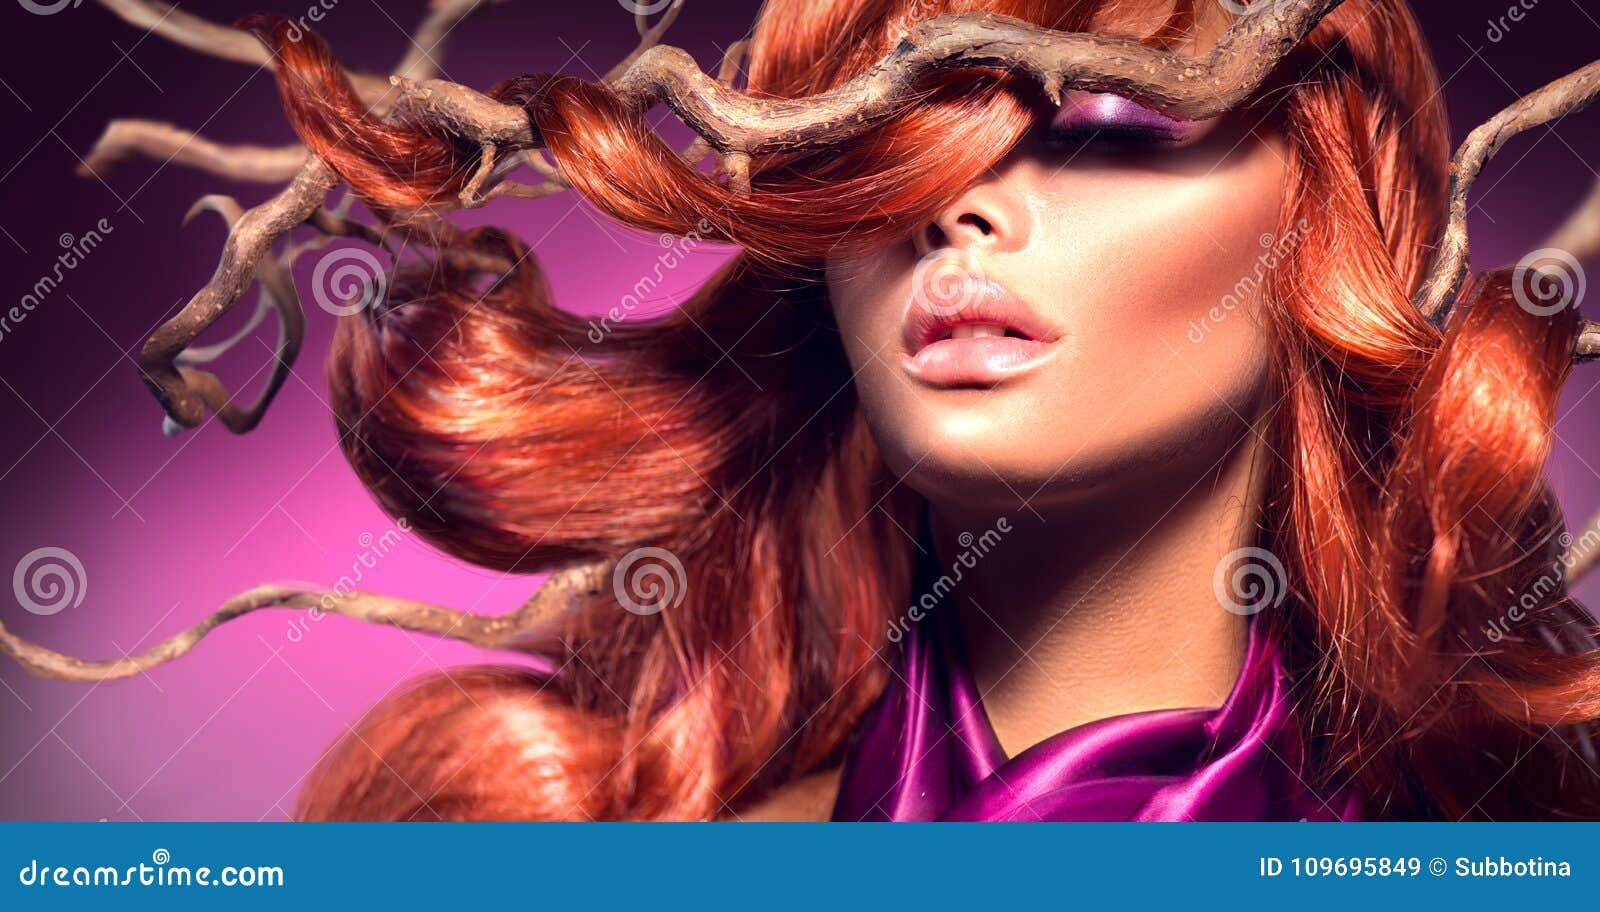 红色头发 塑造有长的卷曲红色头发的性感的妇女